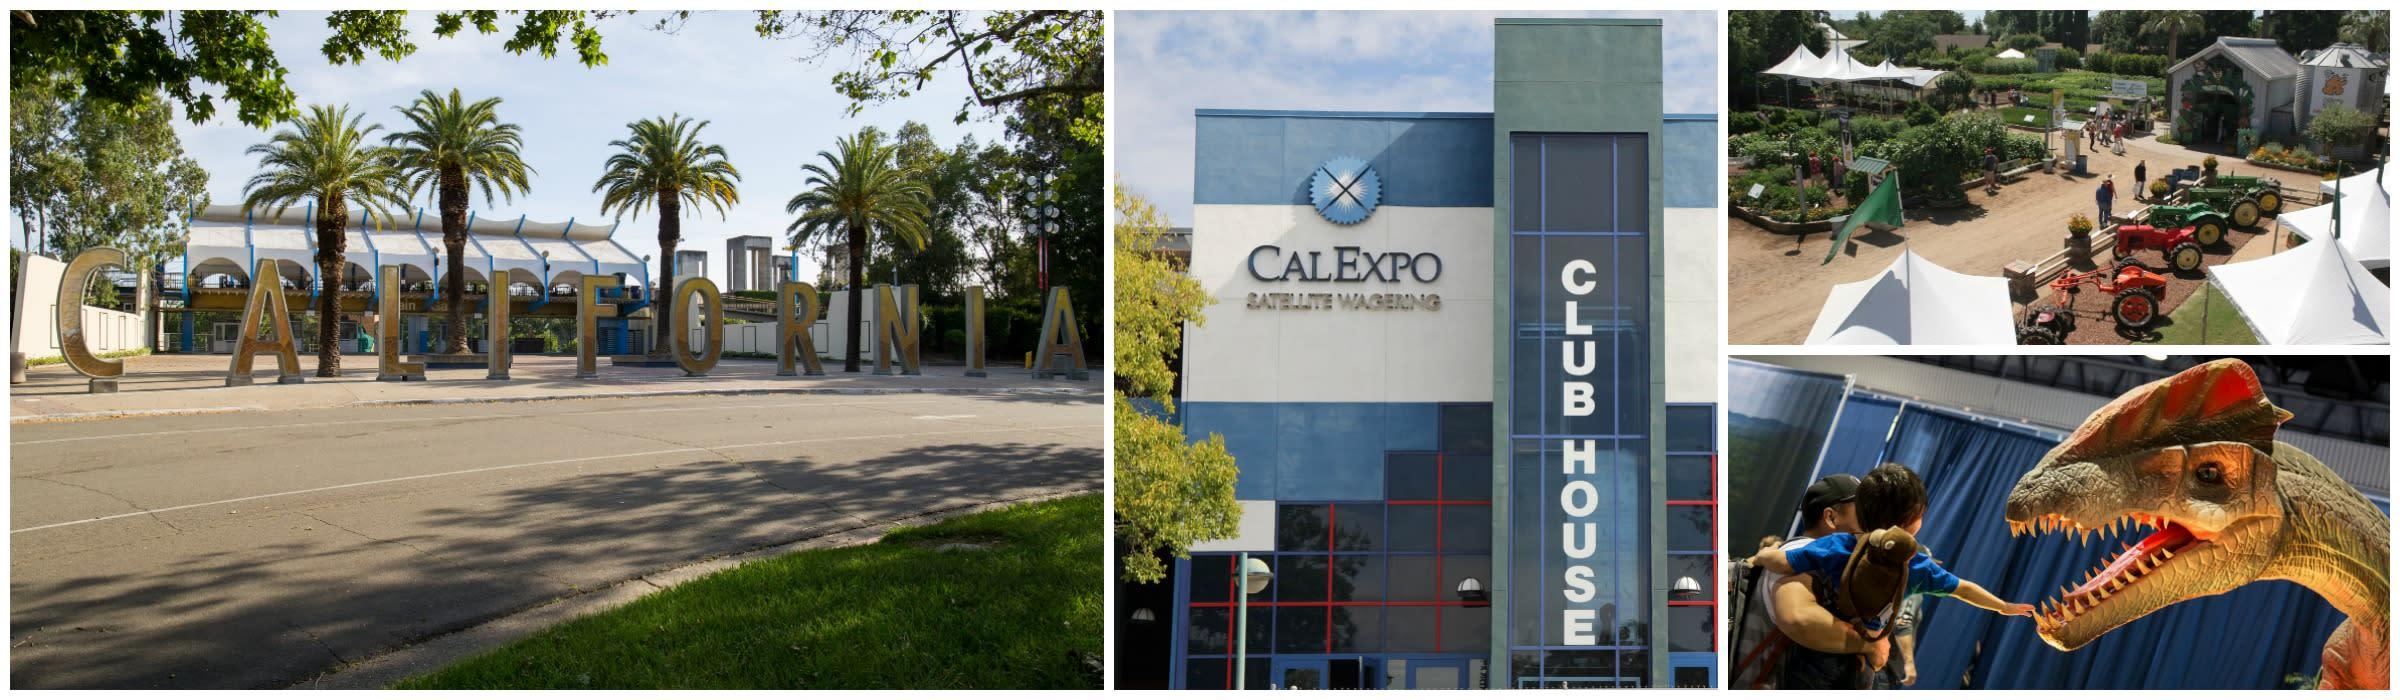 Cal Expo Header